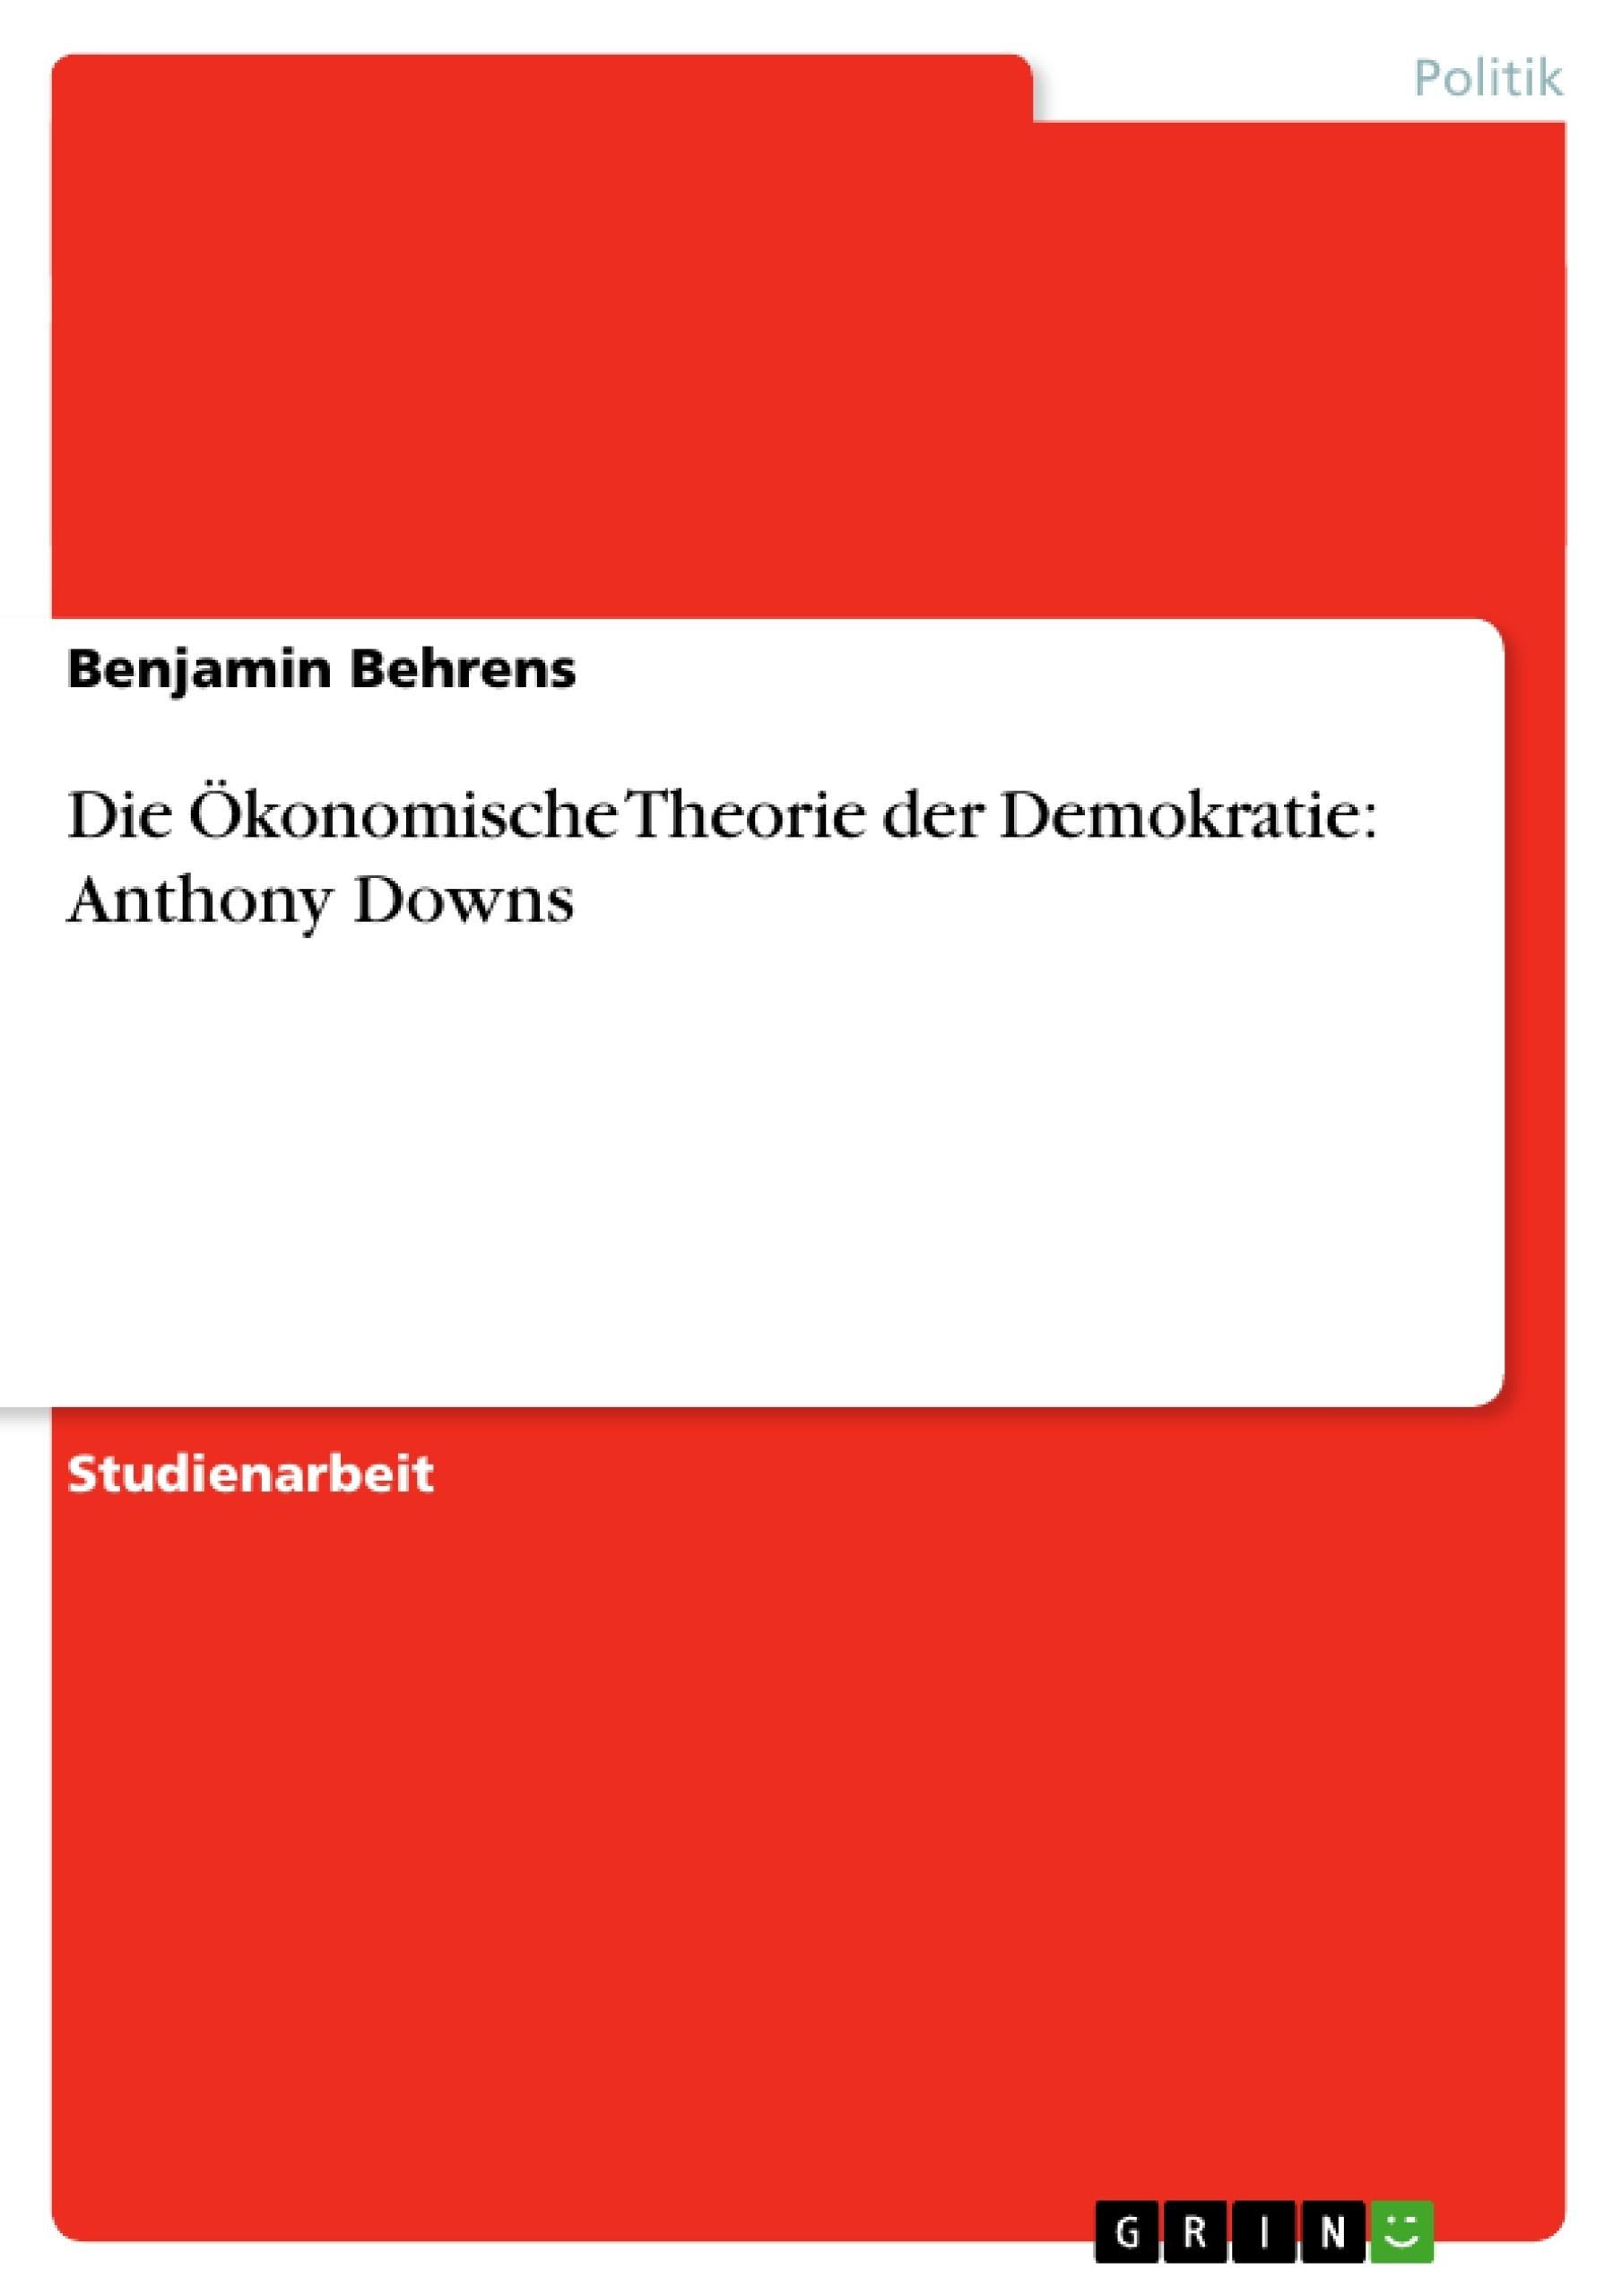 Titel: Die Ökonomische Theorie der Demokratie: Anthony Downs